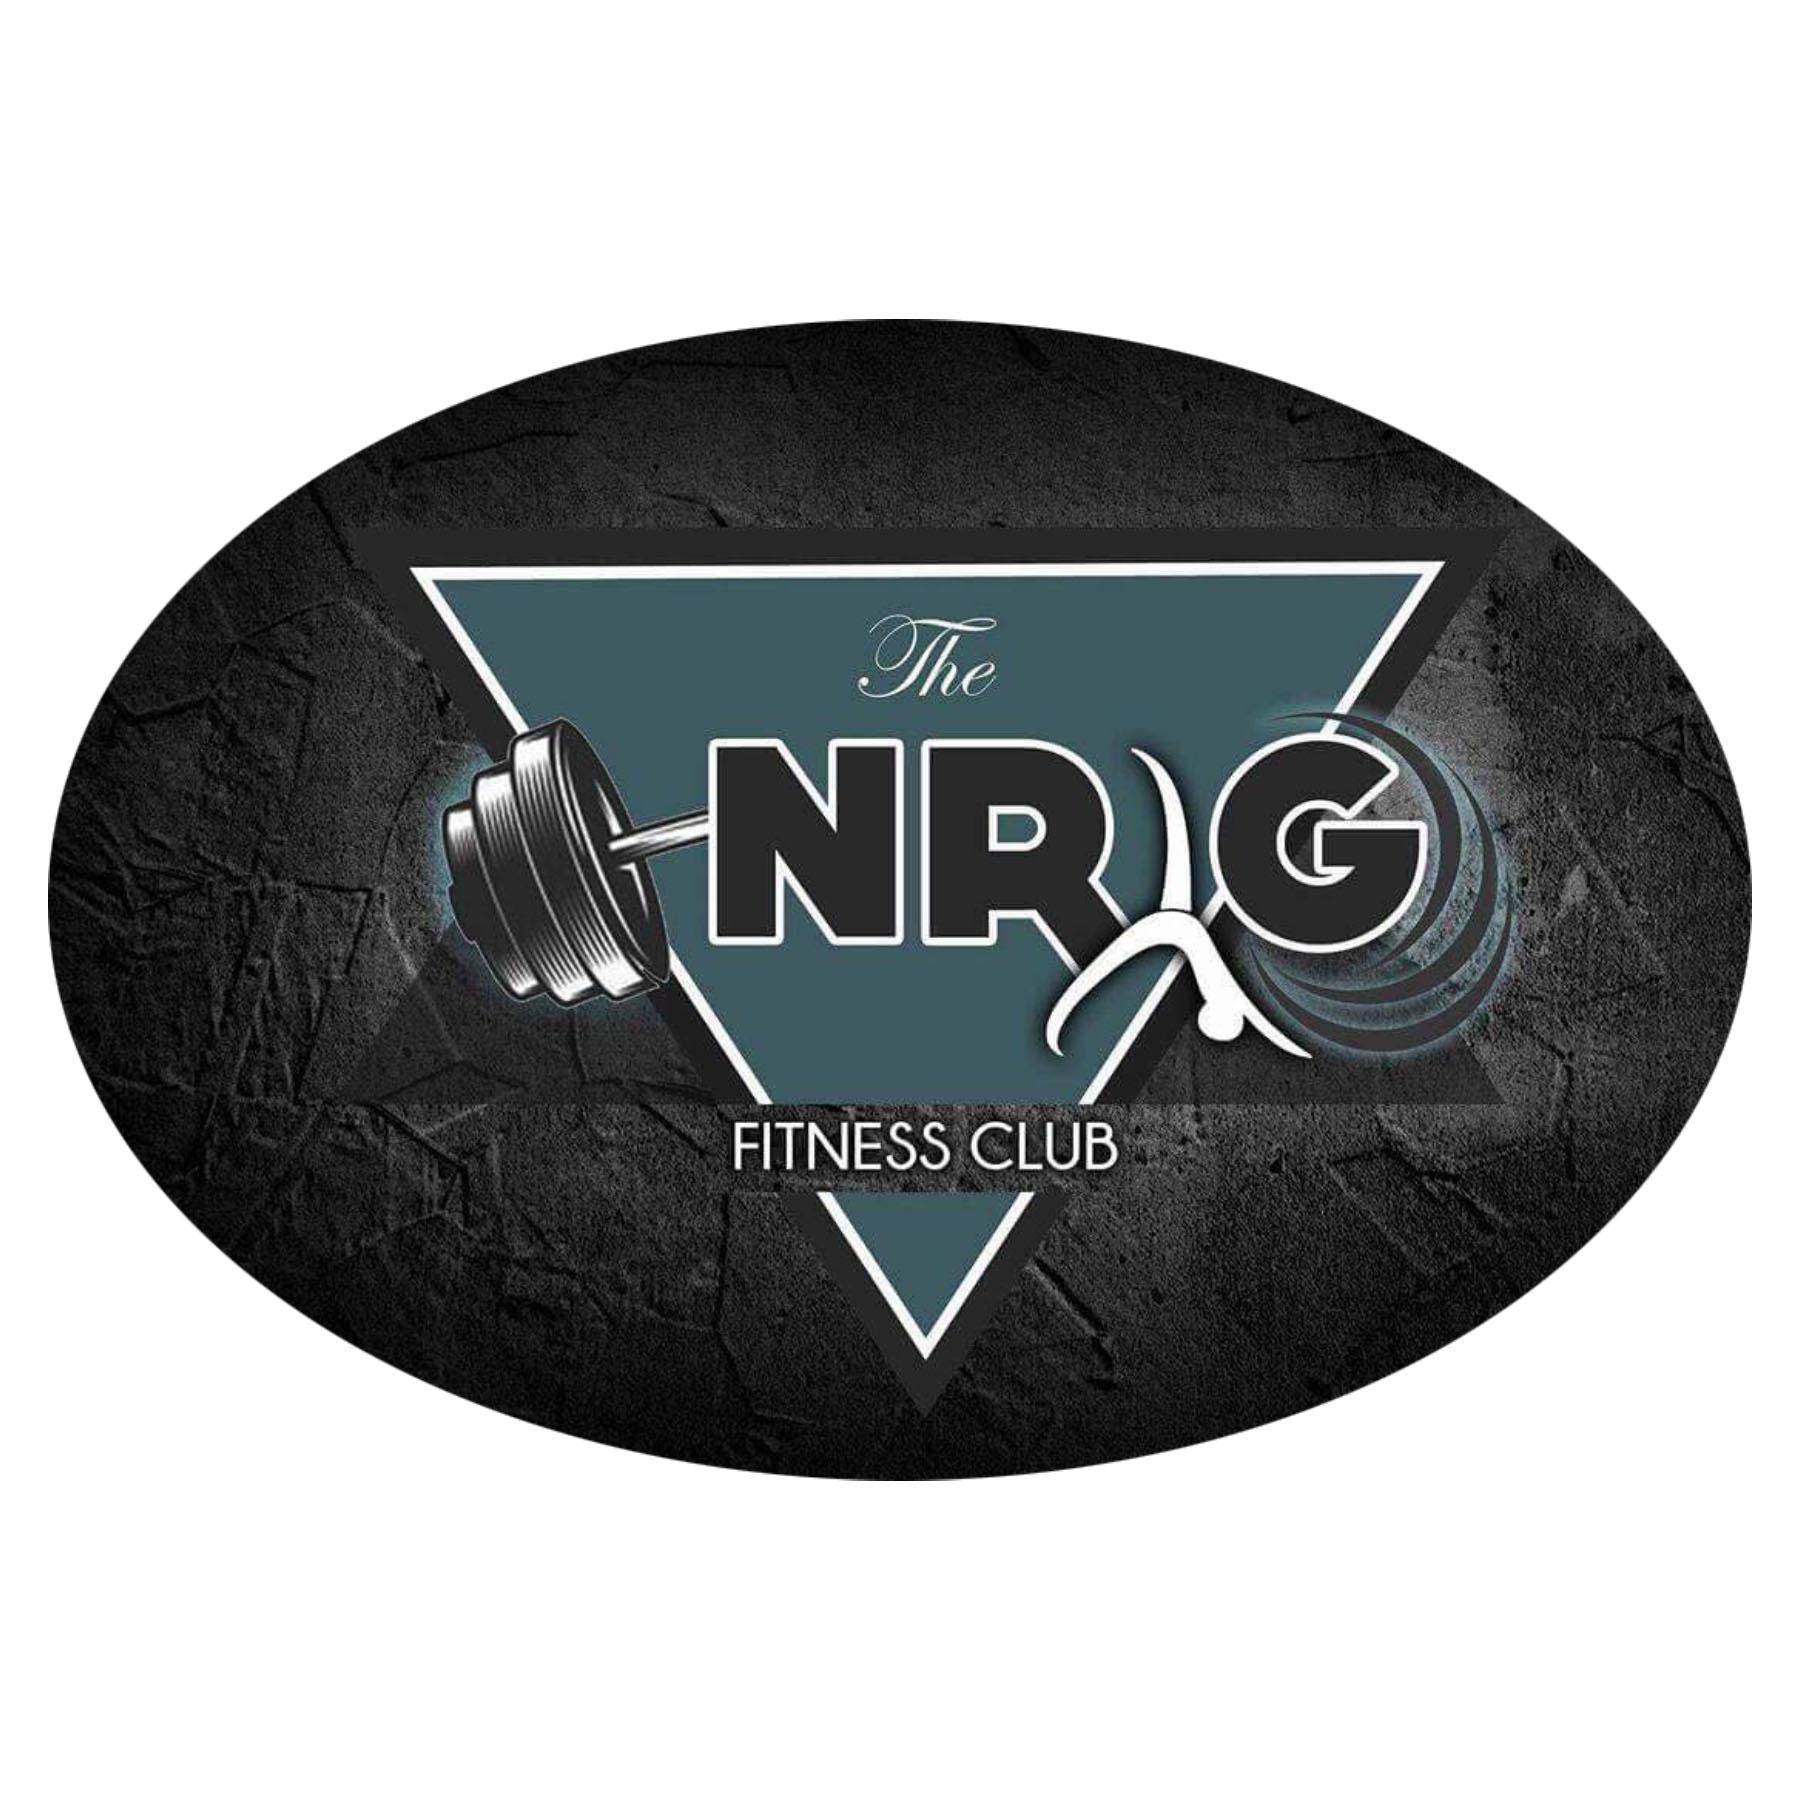 NRG Fitness Club